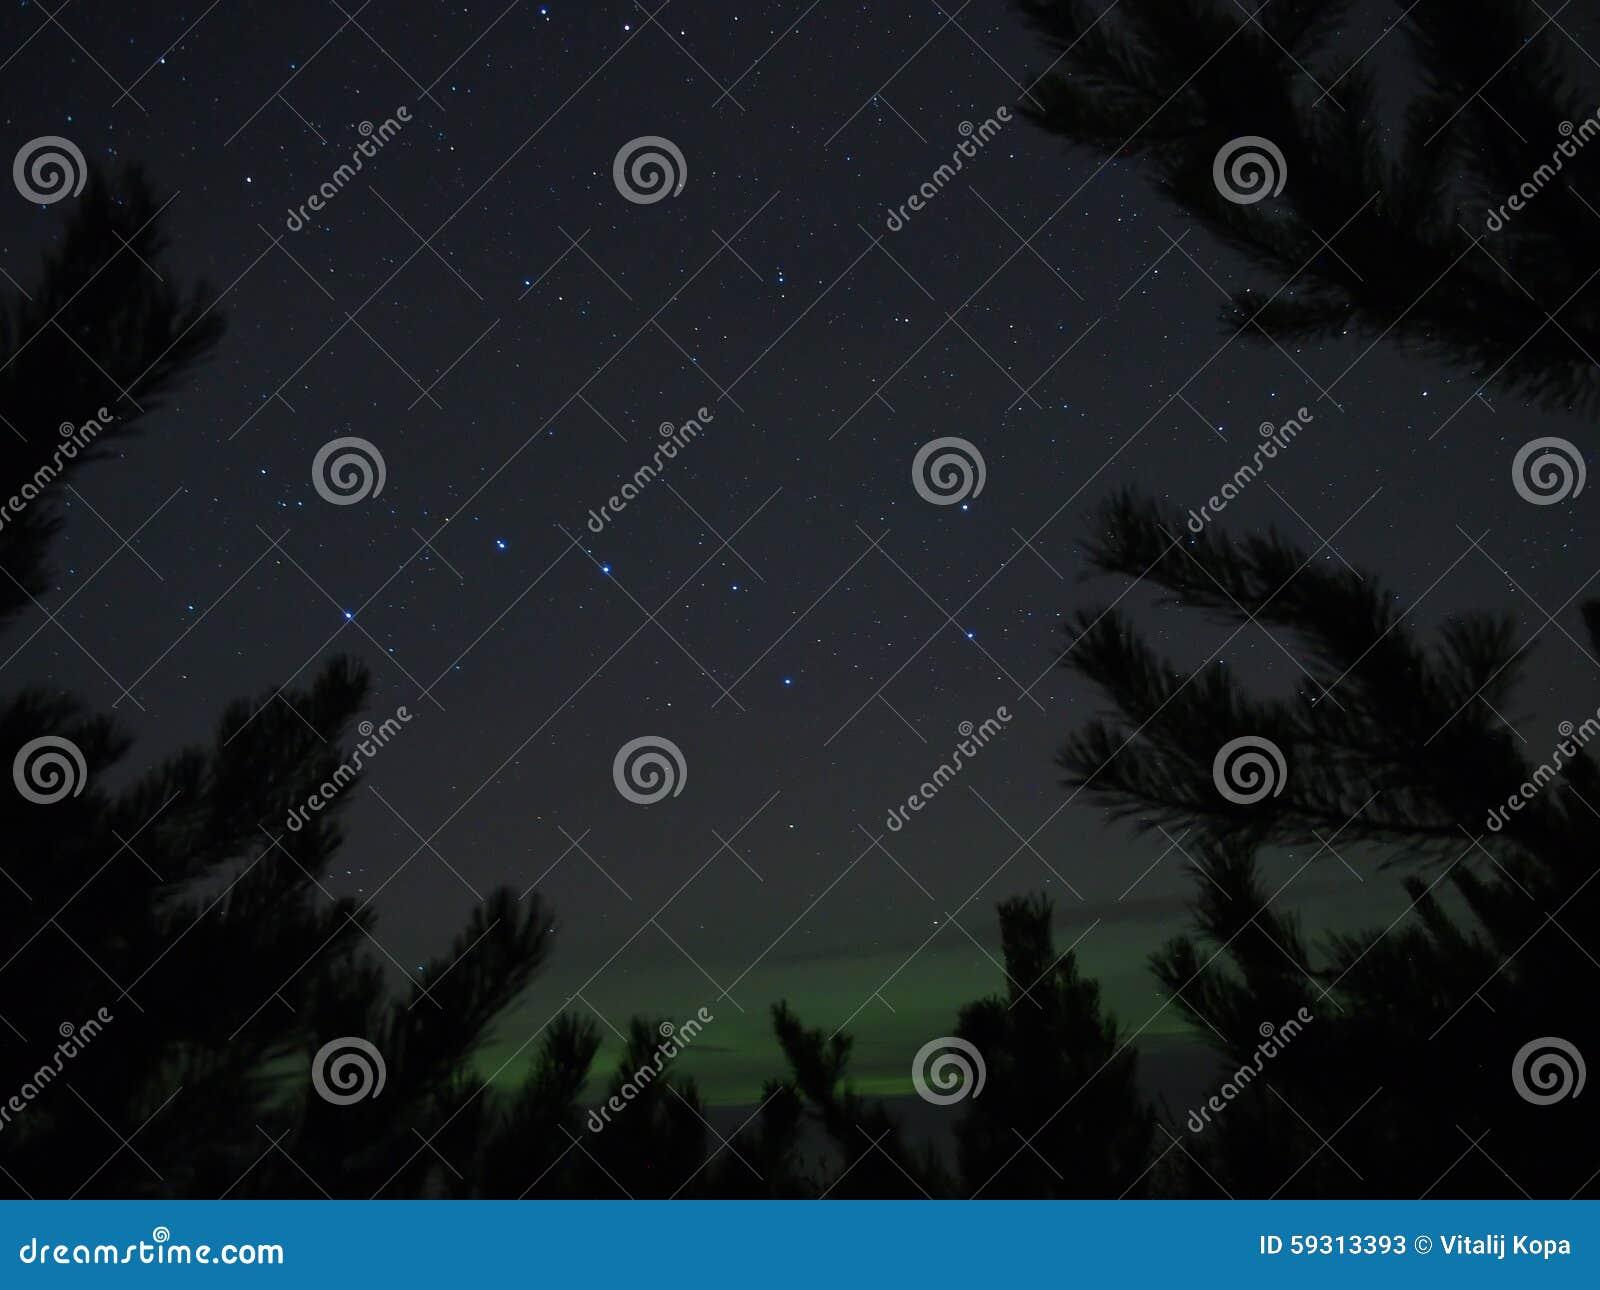 北斗七星(大熊座)星座、树和极光极光